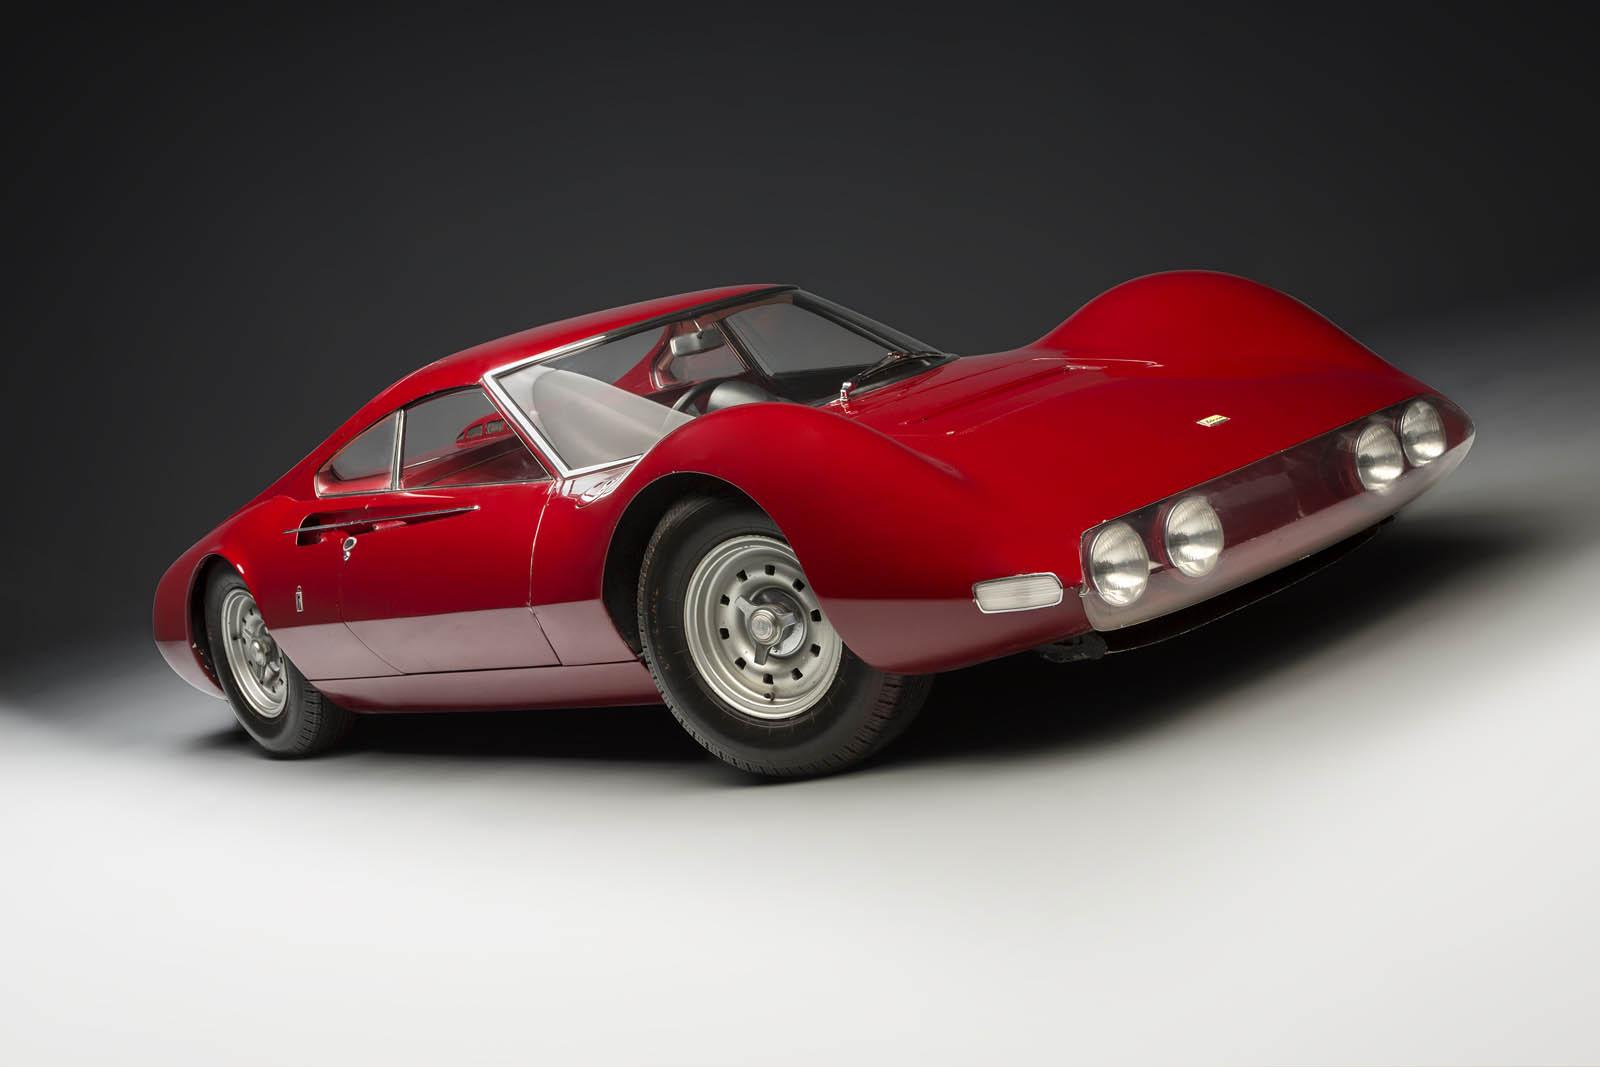 87+1966+Dino+206+P+Berlinetta+Speciale+%C2%A9+Artcurial+Motorcars+%C2%A9+Alexis+Bocquet+copy